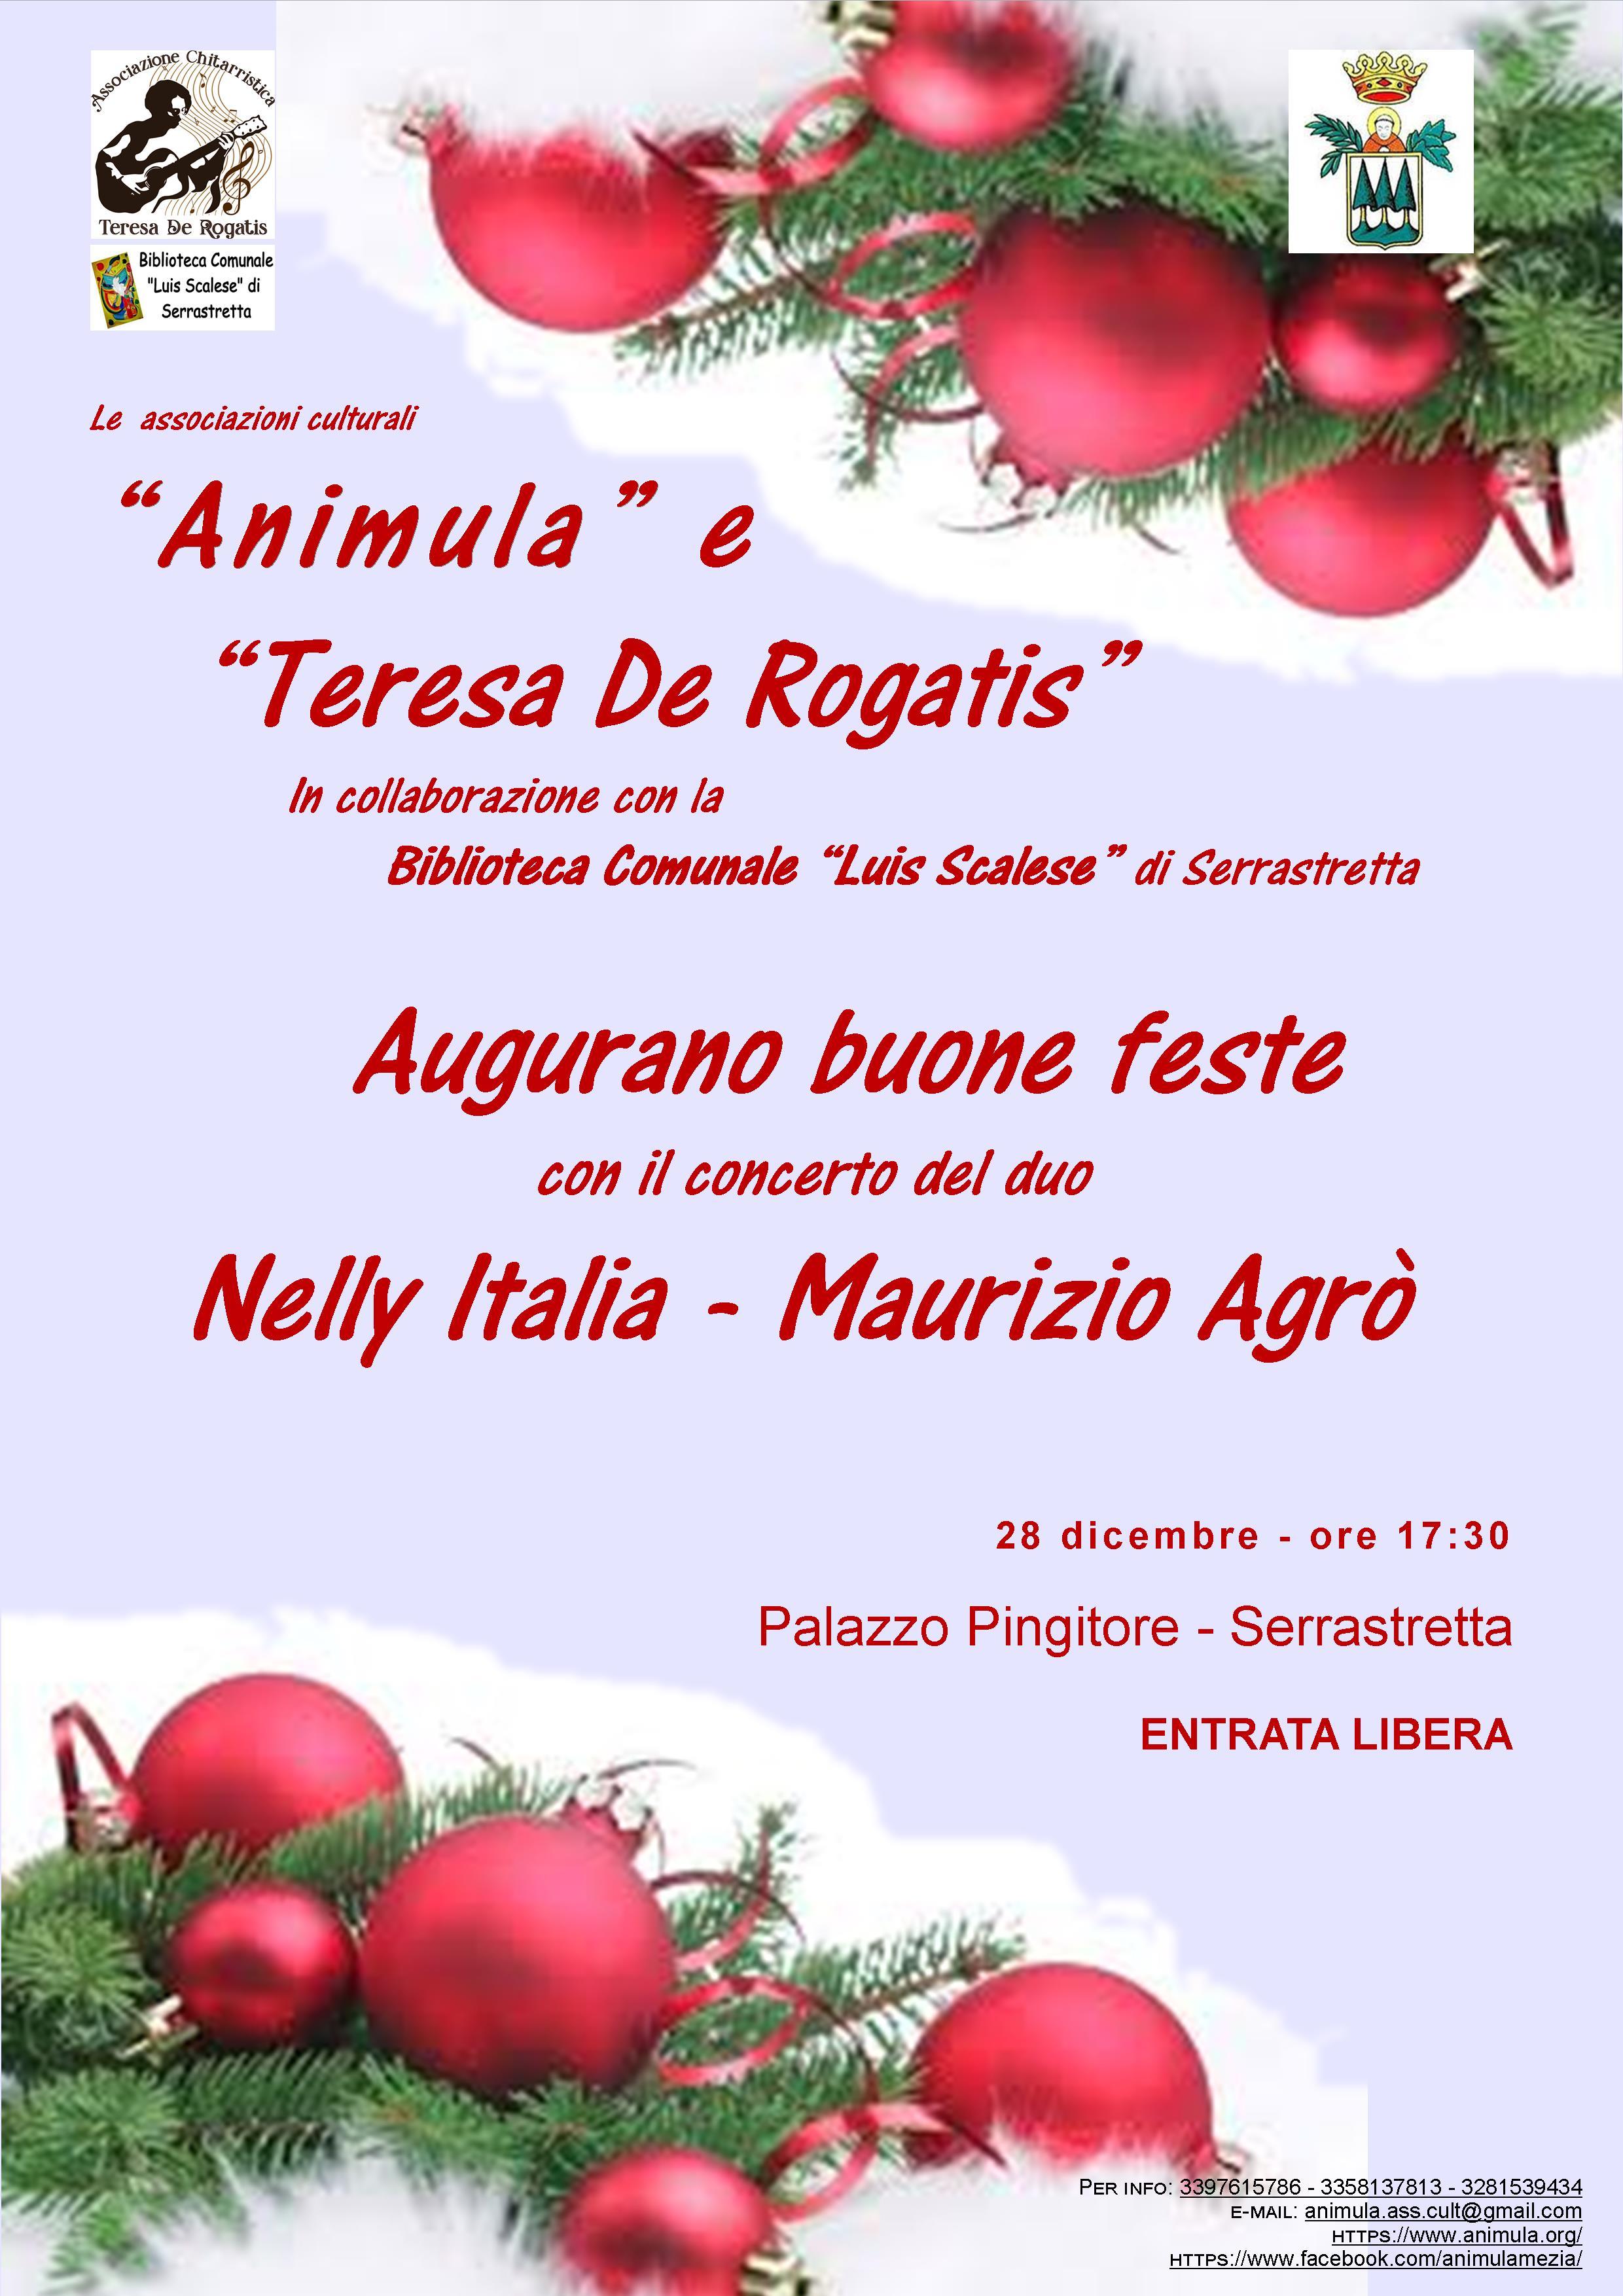 Concerto di fine anno - Nelly Italia e Maurizio Agrò